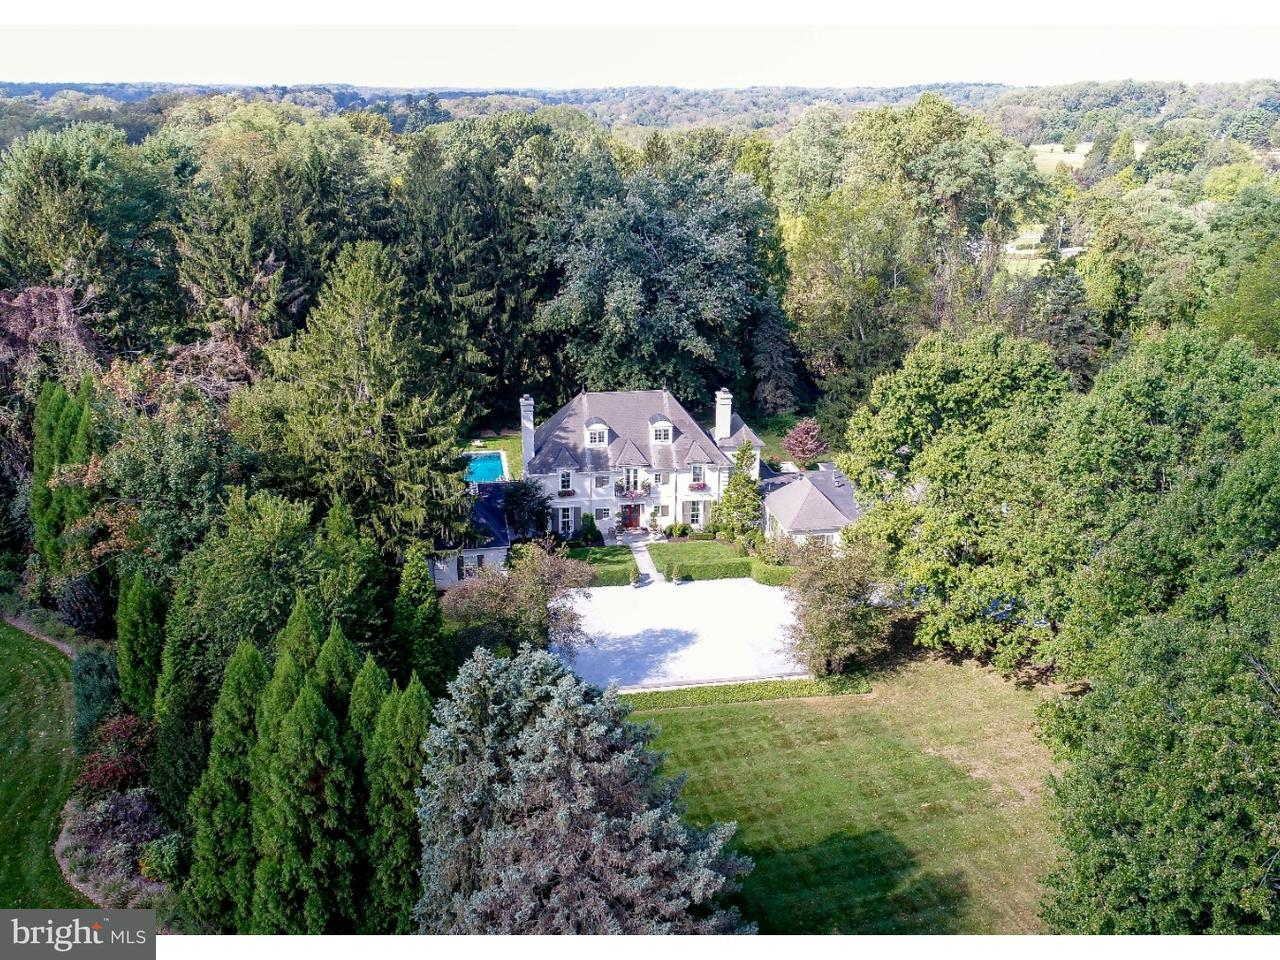 Maison unifamiliale pour l Vente à 257 HOTHORPE Lane Villanova, Pennsylvanie 19085 États-Unis